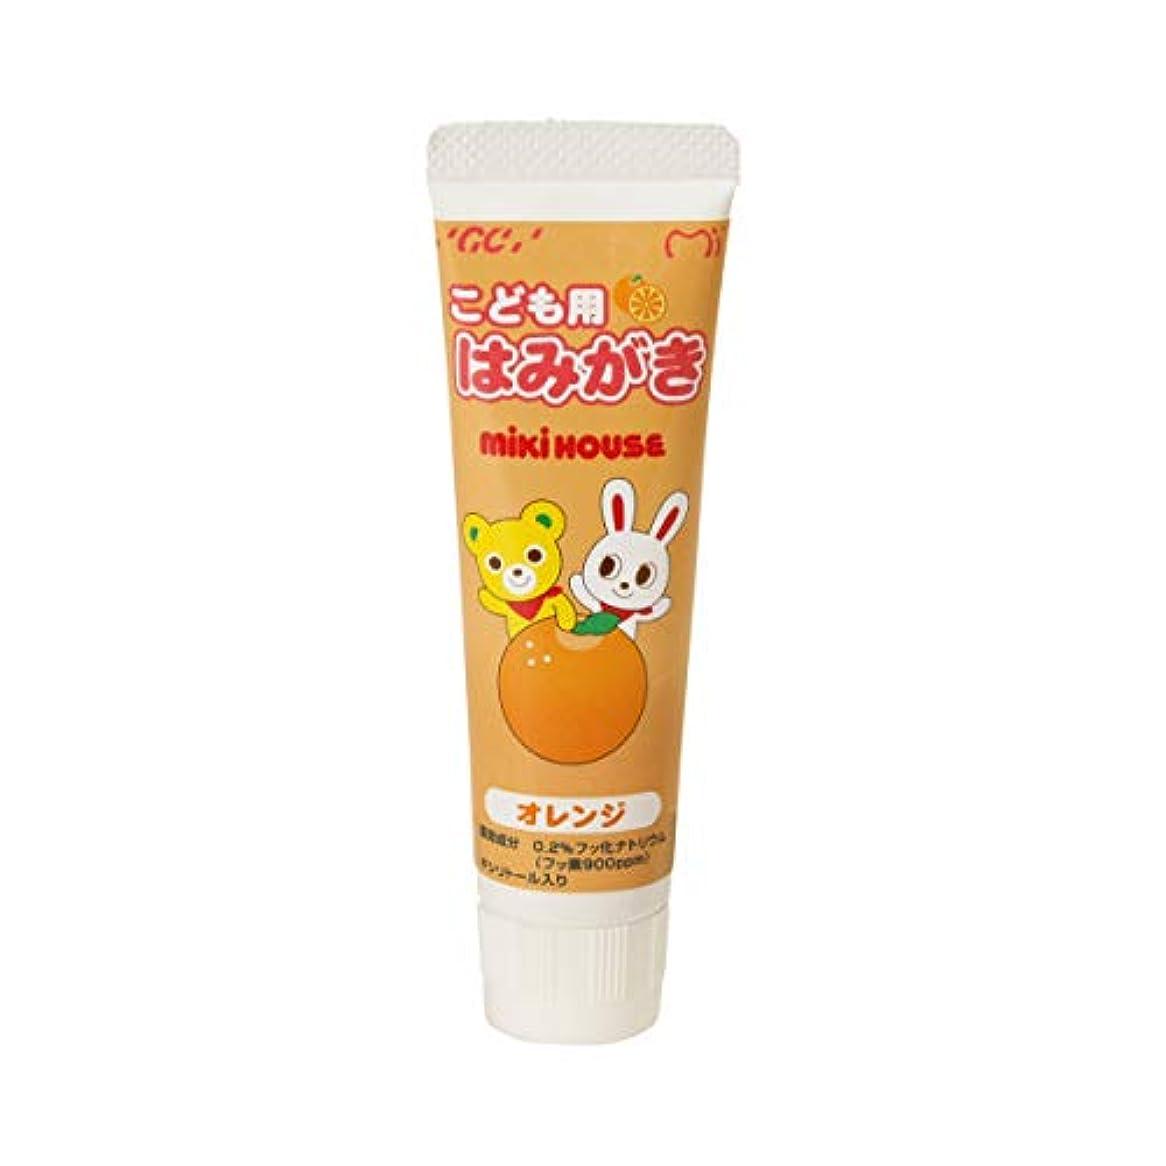 突然採用不要ミキハウス (MIKIHOUSE) 歯みがき 15-4065-676 - オレンジ